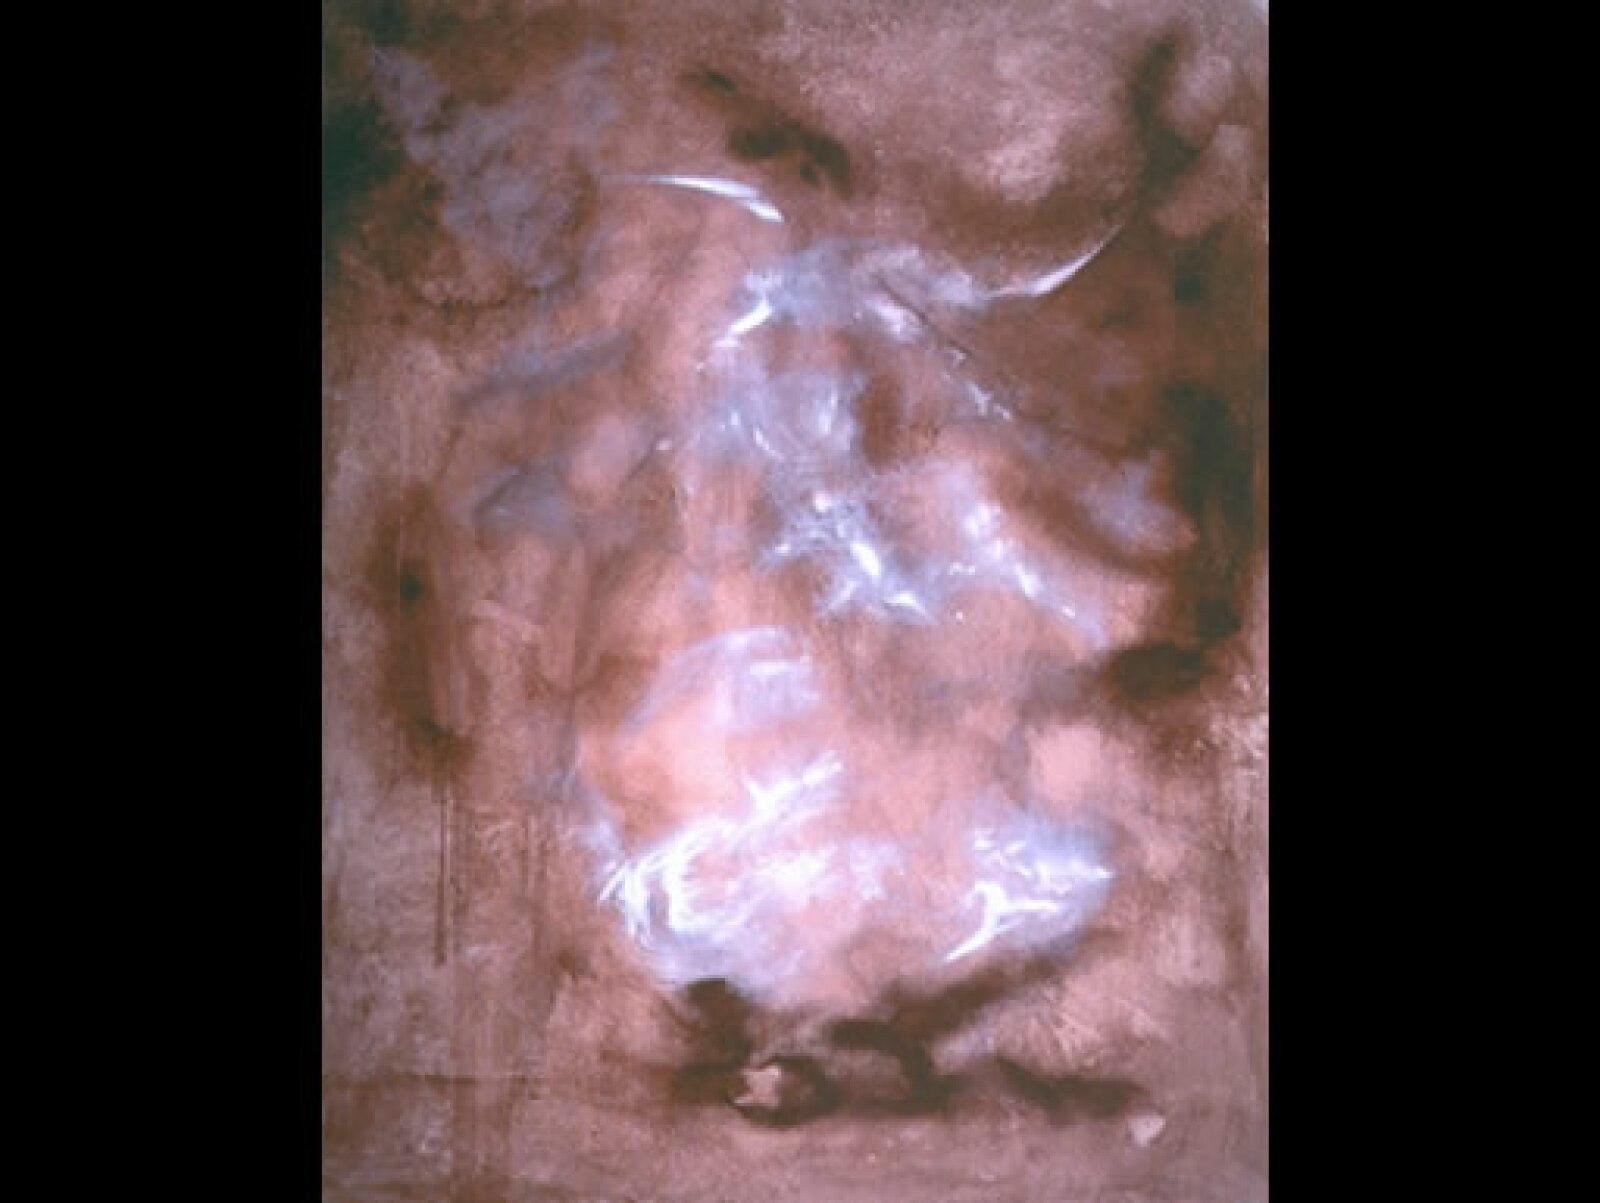 """Según Ramos, """"el color constituye un fenómeno lumínico en la obra de Martí"""". """"El toro"""" (2003), acrílico sobre tela, 1.50 x 1.20 m"""